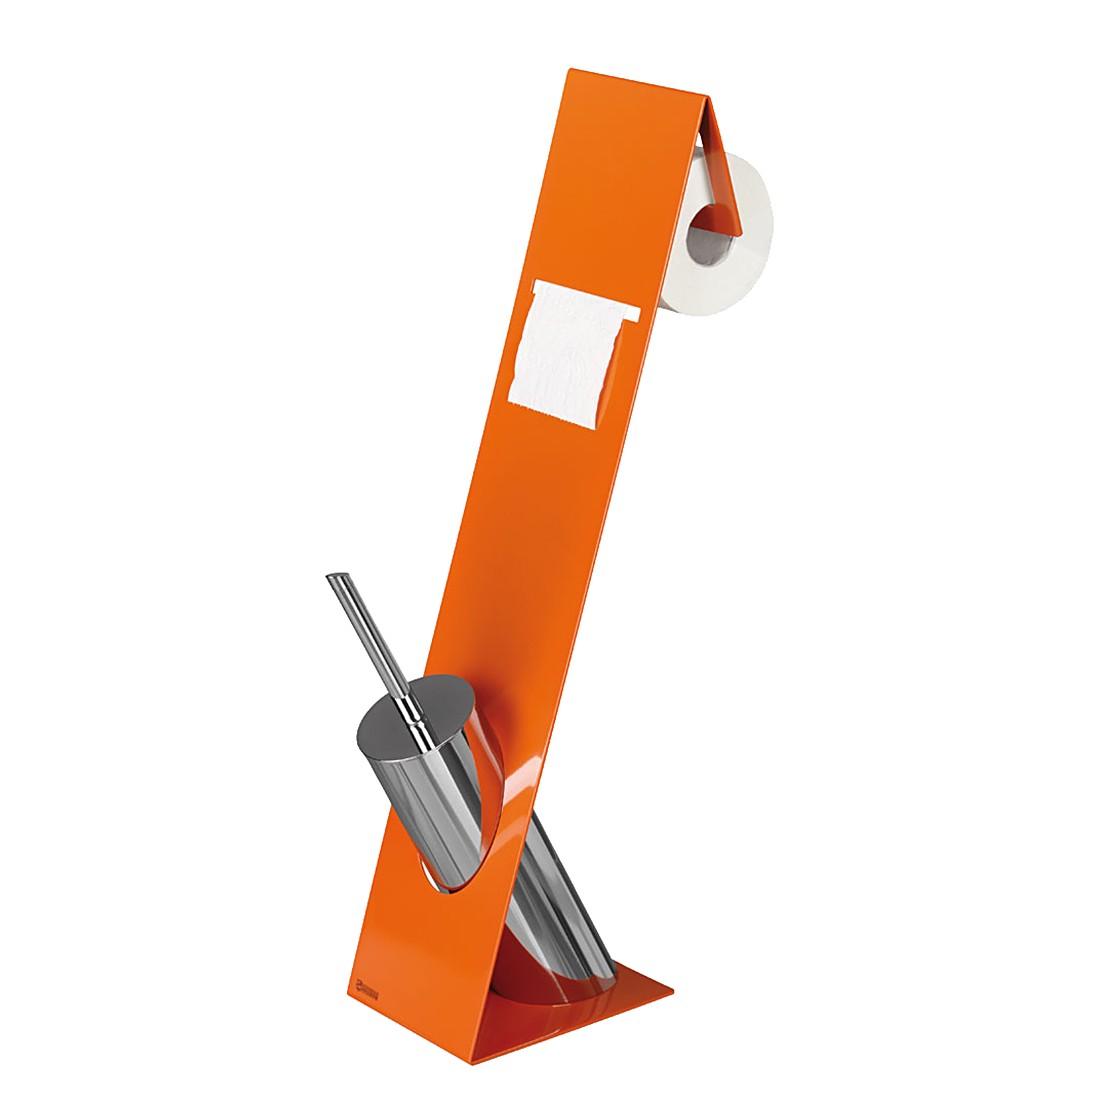 WC-Garnitur Turin – Orange, Sanwood bestellen